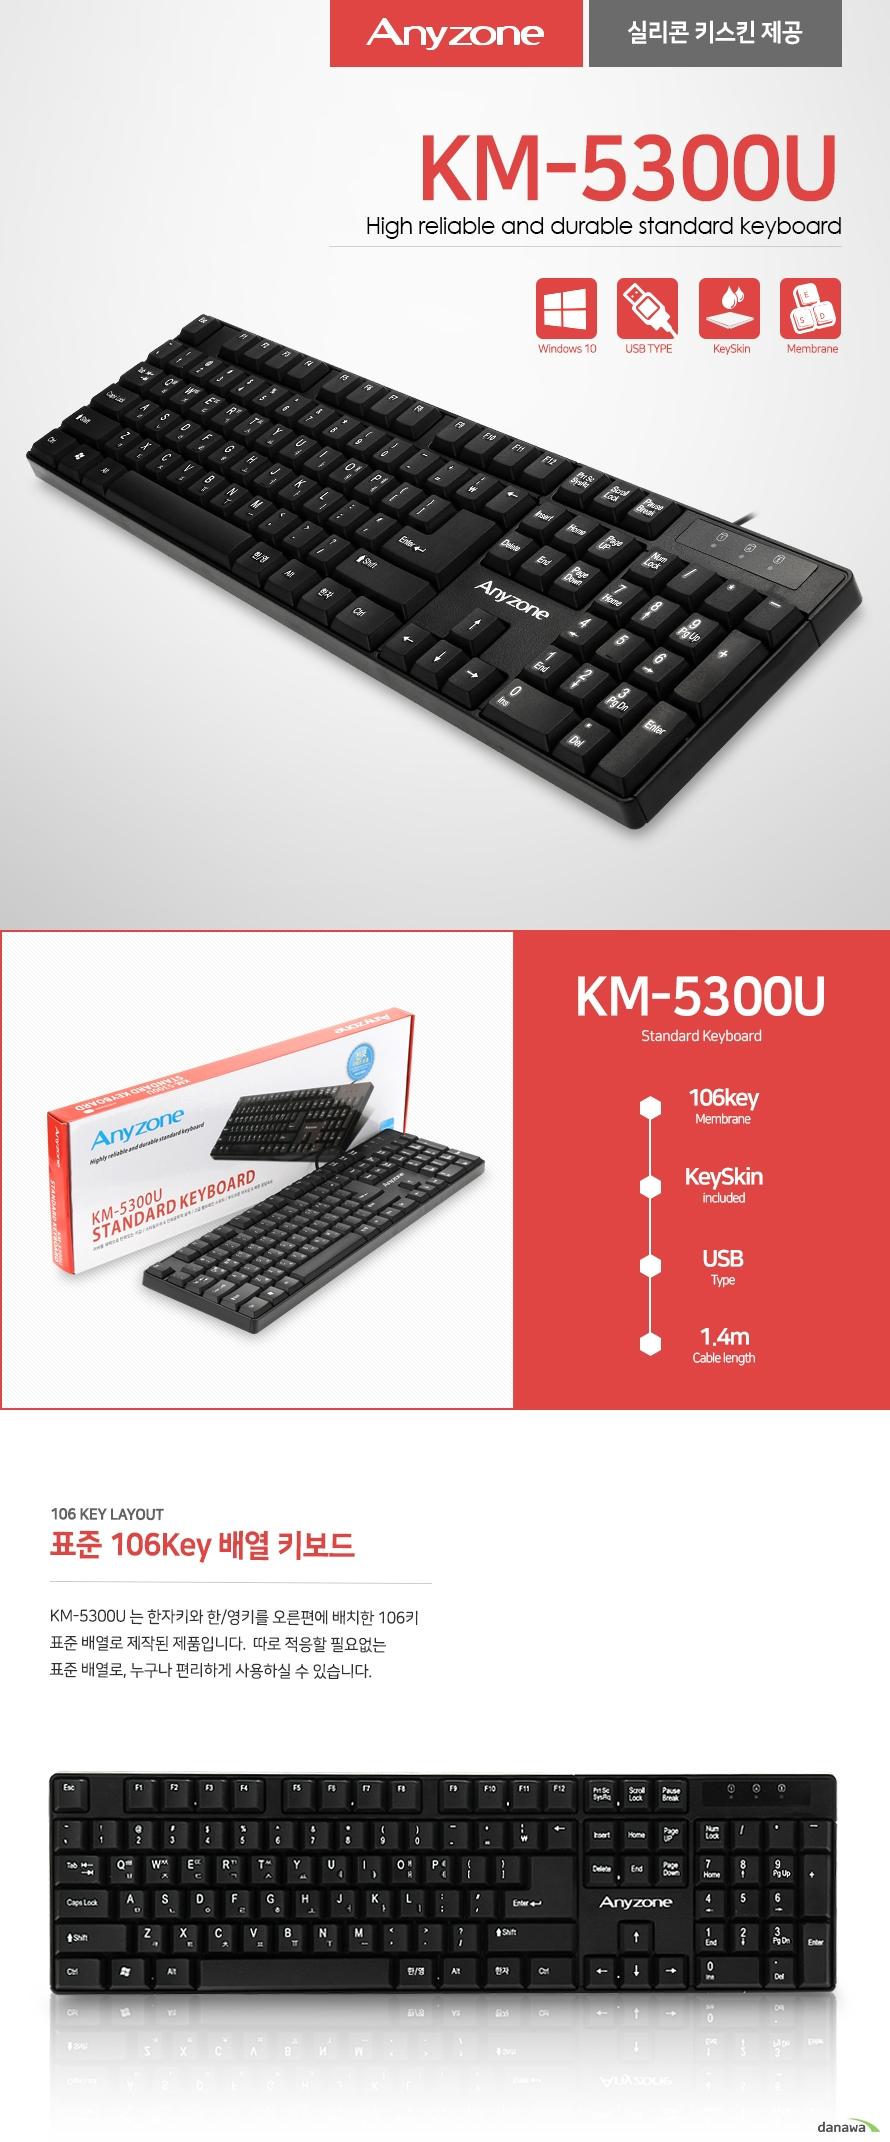 anyzone KM-5300U High reliable and durable standard keyboard 실리콘 키스킨 제공  KM-5300U Standard Keyboard  106 Key Layout  표준 106Key 배열 키보드 KM-5300U 는 한자키와 한/영키를 오른편에 배치한 106키 표준 배열로 제작된 제품입니다. 따로 적응할 필요없는 표준 배열로, 누구나 편리하게 사용하실 수 있습니다. Waterproof Design 생활 방수 설계 키보드  음료가 키보드에 묻거나 스며드는 경우를 대비하여 생활 방수 기능을 추가하였습니다. 물에 취약한 키보드와 달리 ANYZONE 키보드는 걱정없이 안전하게 사용할 수 있습니다. High speed certified usb keyboard  빠르고 정확한 출력usb키보드 KM-5300U 키보드는 어느 컴퓨터와도 호환되는  USB 인터페이스를 지원합니다. 별도의 프로그램 설치없이  연결후 편리하게 사용이 가능합니다. Membrane interface 고급 멤브레인 스위치 멤브레인 인터페이스는 부드러운 터치감과 빠른 응답속도의 장점을 가지고 있습니다. 소음에 민감한 사무실에 적합하며 사용자가 부드러운 키감을 느낄 수 있게 설계되었습니다. 저소음 타이핑을 위한 고품질 키 캡 러버돔 채택으로 탄력있는 키감 silicon Material Key skin 실리콘 키스킨 기본 제공 키보드의 외부 오염을 막아주는 실리콘 키스킨을 기본적으로 제공합니다. 실리콘 소재로 인체에 무해하며 오랜기간동안 사용해도 변질되지 않습니다. convenience 편의성을 고려한 설계 사용자 편의성을 위해 높이 조절기, 미끄럼 방지 고무 받침대를 장착하였으며 설치 환경을 고려해 중앙이 아닌  우측 방향으로 케이블을 배치하였습니다. 미끄럼 방지 고무 받침 자유로운 높이 조절 기능 배치 공간을 고려한 우측 케이블 설계 Design for human 스타일리쉬 & 인체공학적 설계 KM-5300U 키보드는 인체공학적 디자인으로  손목에 무리없이 언제나 편안하게 타이핑이 가능합니다.   또한 감각적이고 모던한 디자인은 어떤 환경에도 잘 어울리며 스타일리쉬한 블랙컬러로 고급스러운 느낌을 더했습니다.KM-5300U Standard Key Board SPECIFICATION Keyboard (KM-5300U) Key layout : 106key  Size : 가로 440mm  세로 126mm  너비 20mm  Interface : USB (1.4m) System requirement  IBM compatibility system  Windows 98/2000/ME/XP/VIS TA/WIN7/WIN8/WIN10 OS 상품 정보 제품명 : 유선 키보드  모델명 : KM-5300CU 판매원 : SANGDO I&T CO.,LTD 제조국 : 중국 / China 반품 및 교환 : 구입처 및 판매원 인증번호  MSIP-REI-MLC-KM-5300U  고객센터 02-707-3161